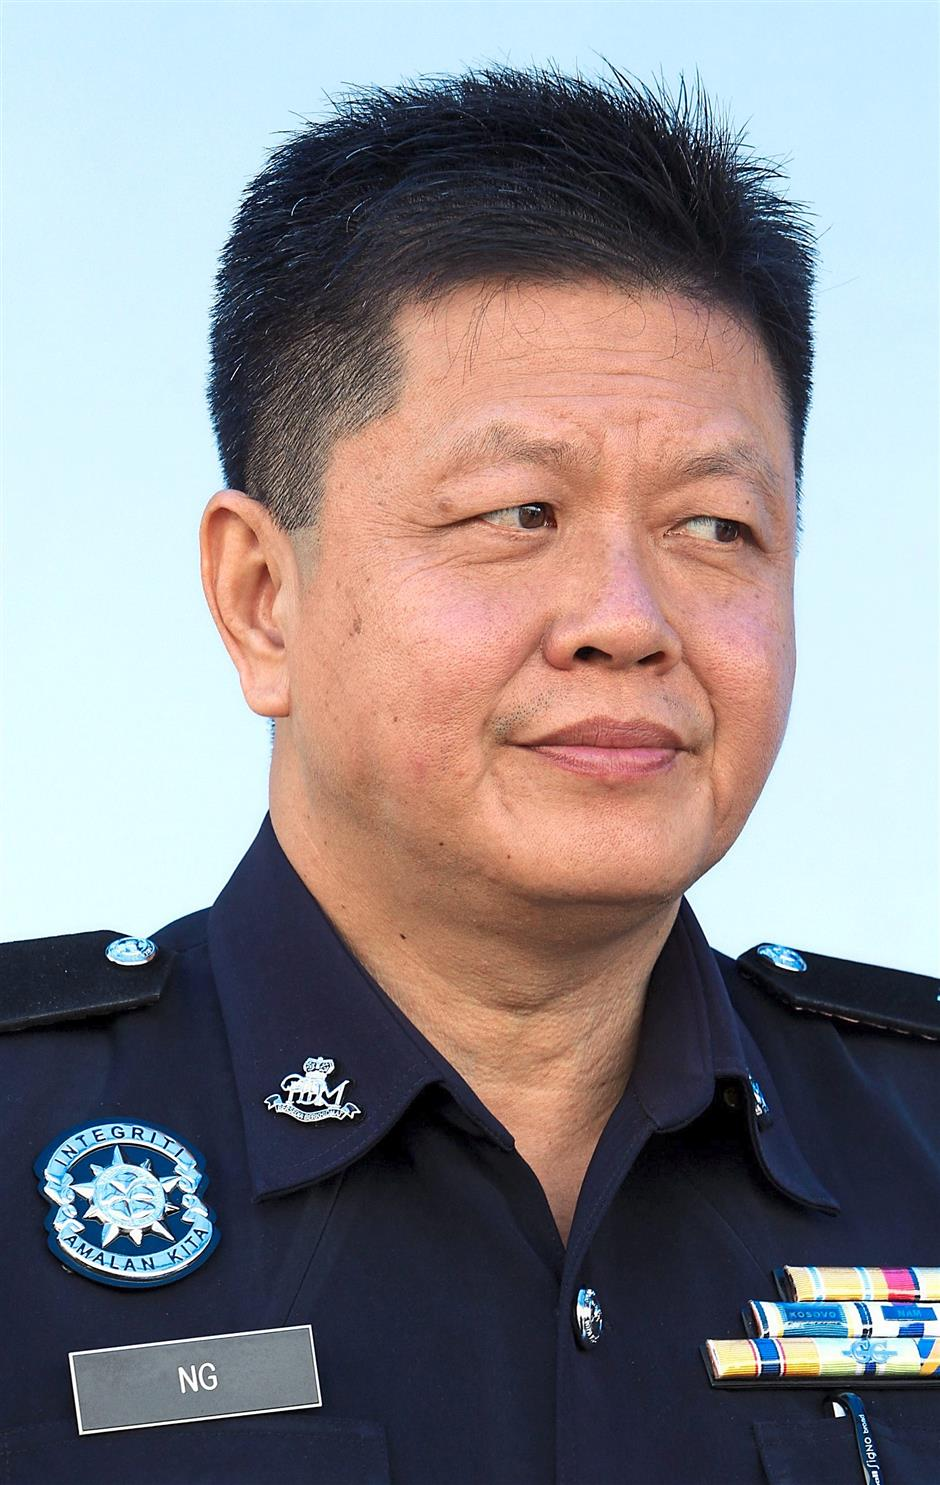 OCPD Kampar Ng Kong Soon